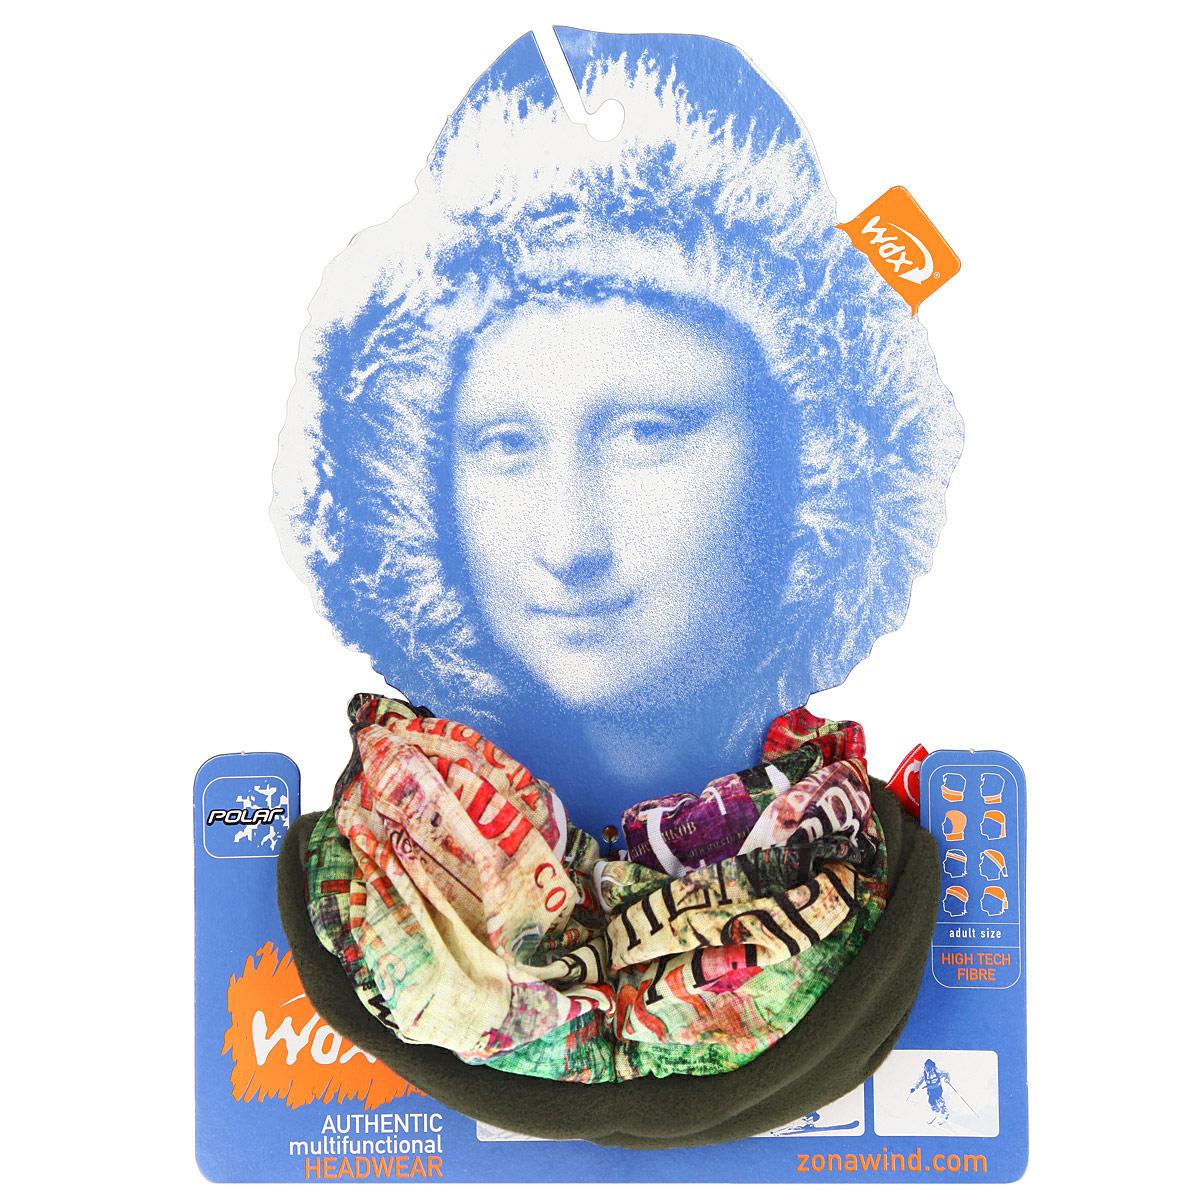 Бандана многофункциональная PolarWindУТ-0000572105_FoxМногофункциональный головной убор WindXtreme PolarWind - это очень современный предмет одежды, который защитит вас от самого лютого мороза благодаря комбинации ткани и флиса. Его можно использовать как: шарф, шейный платок, бандану, повязку, ленту для волос, балаклаву и шапку. Подходит для занятий бегом, походов, скалолазания, езды на велосипеде, сноуборда, катания на лыжах, мотоциклах, игры в хоккей, а так же для повседневного использования. Сочетание ткани и флиса Pilhot из микроволокна гарантируют дополнительные тепло и комфорт, отведение влаги, быстрое высыхание, очень эластичны, принимают практически любую форму. Обладает антибактериальным эффектом. Уважаемые клиенты! Размер, доступный для заказа, является обхватом головы.